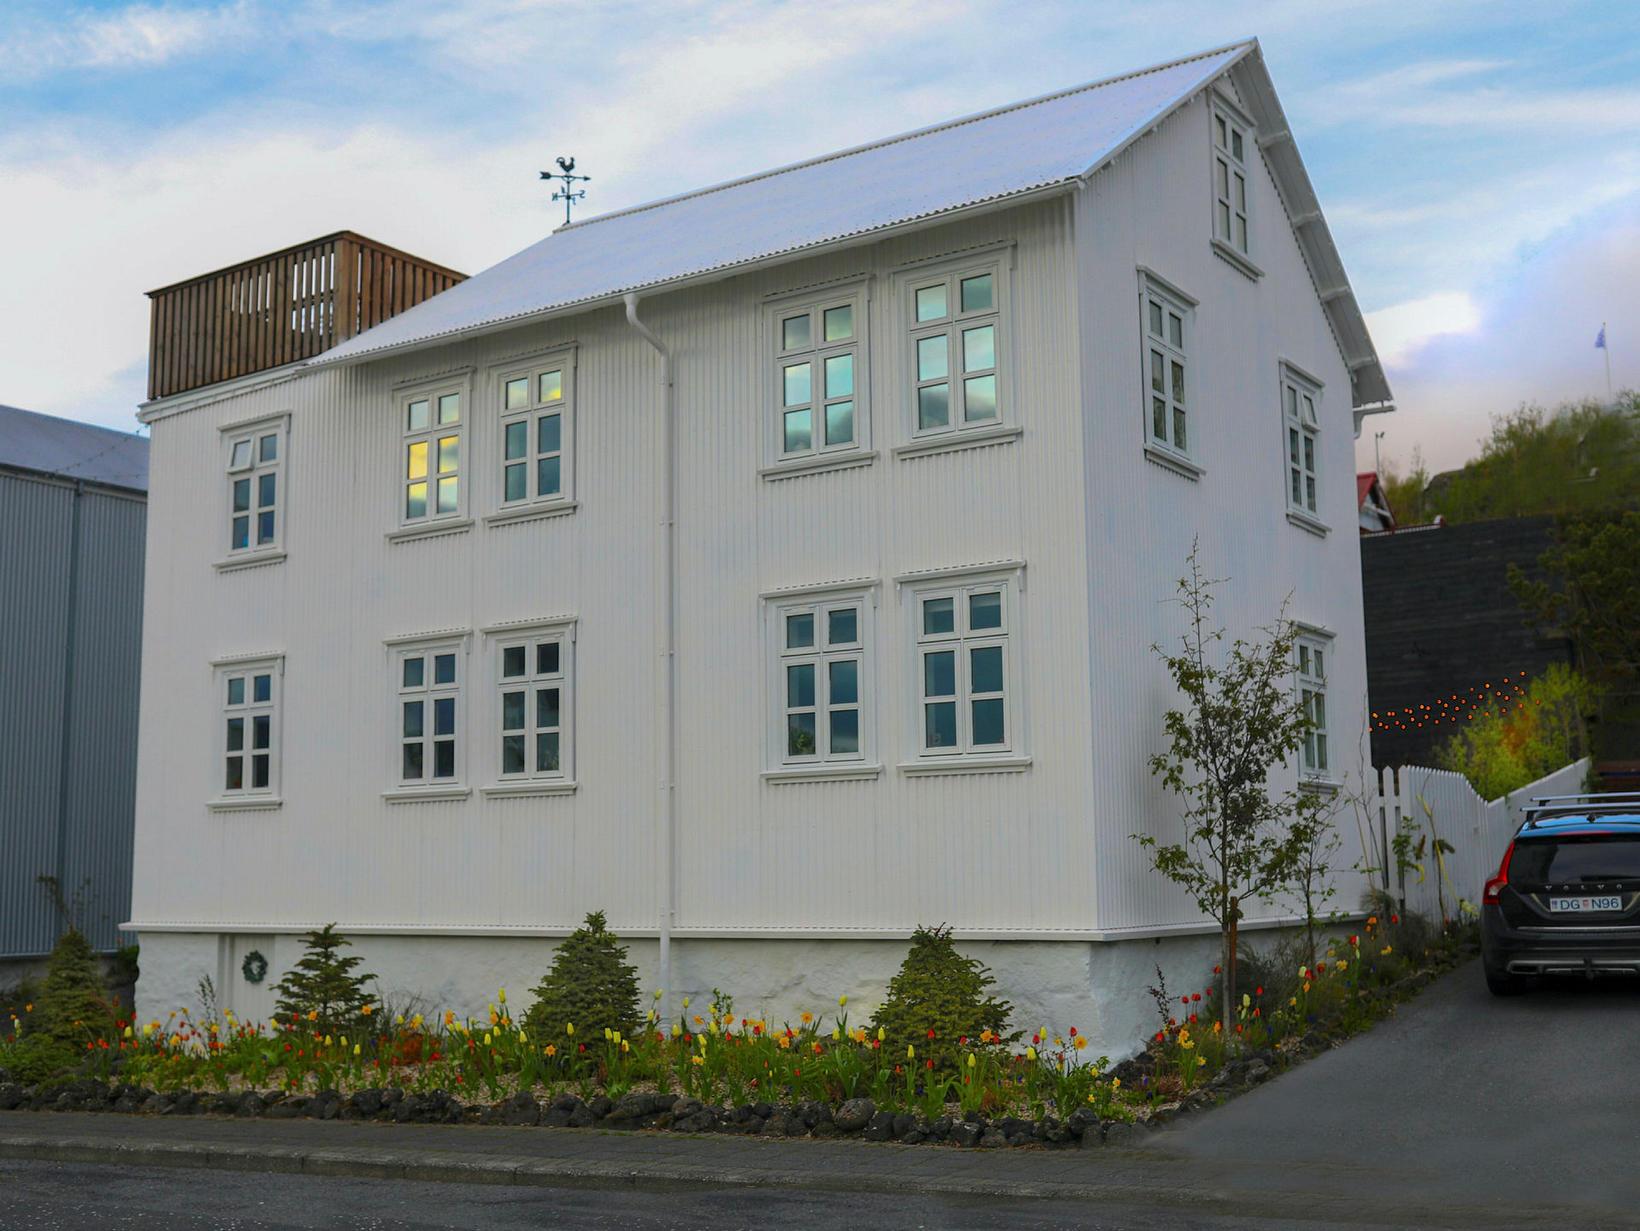 Húsin að Suðurgötu 6 9 í Hafnarfirði er með eindæmum …